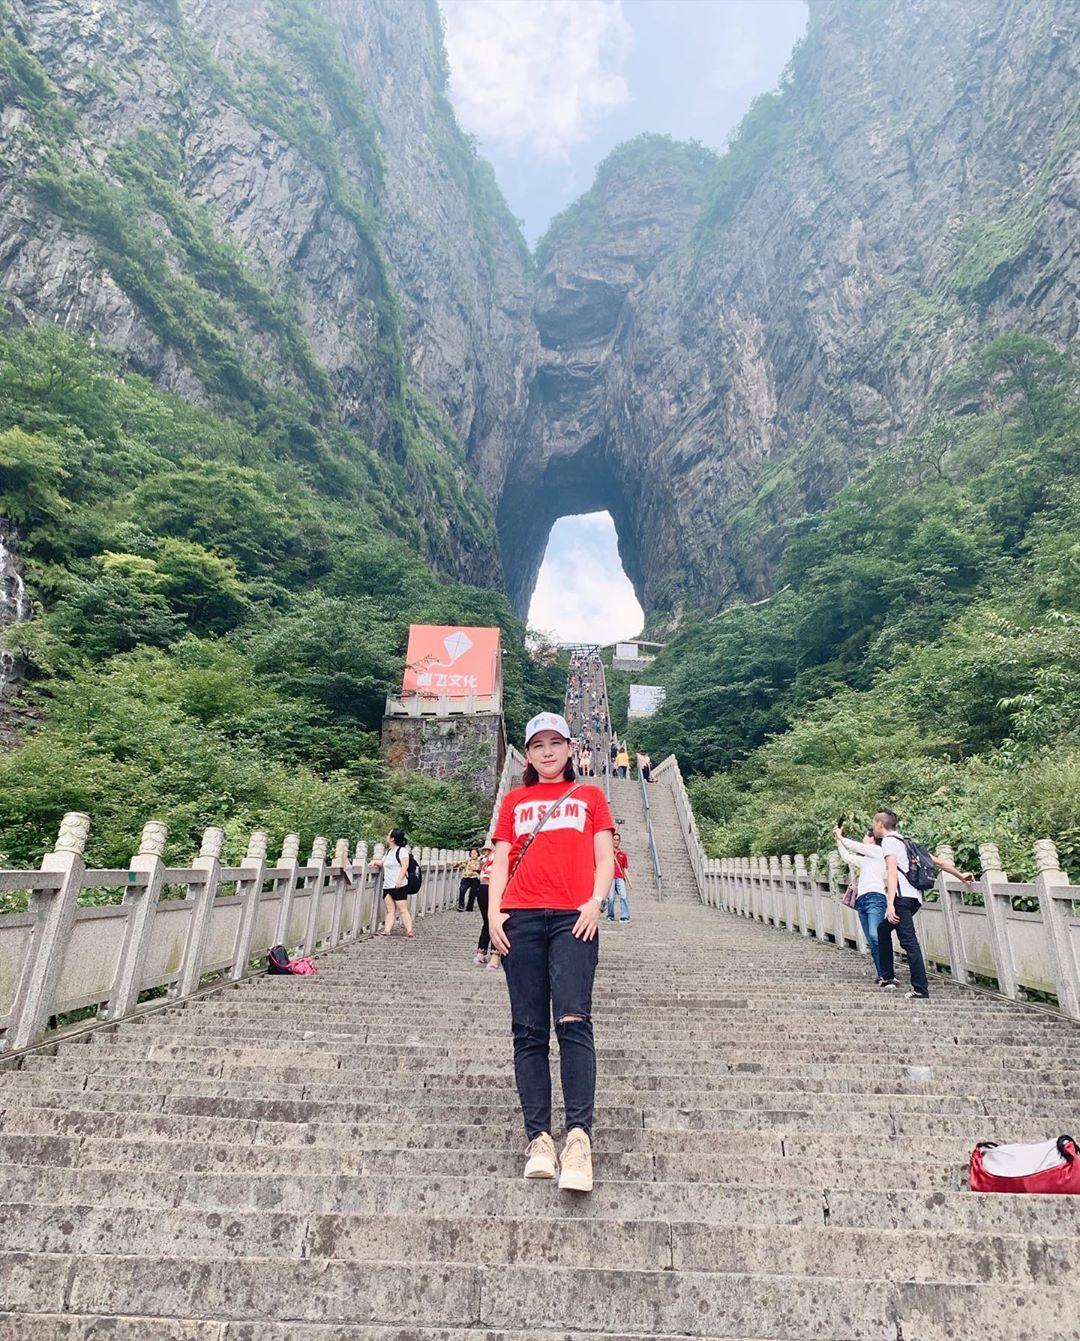 Thiên Môn Sơn - Đường lên cổng trời ở Trung Quốc khiến hội yếu tim phải khóc thét với 99 khúc cua dựng đứng - Ảnh 15.